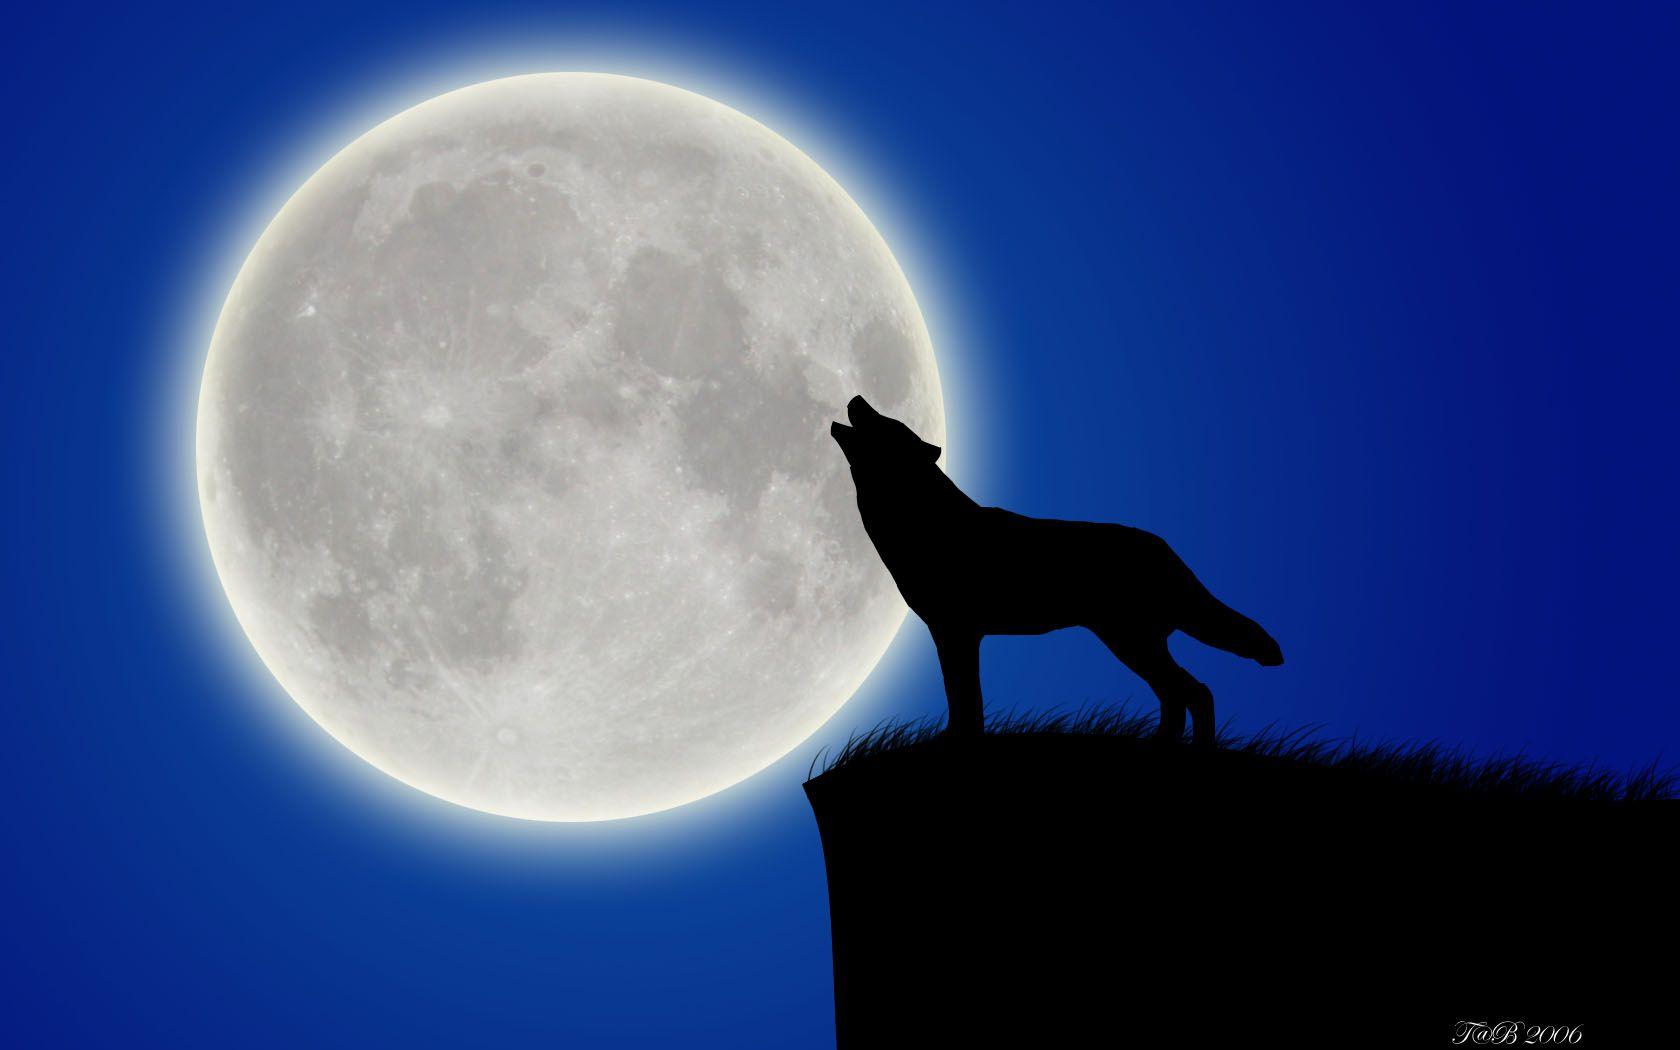 Картинки про волков которые воют на луну